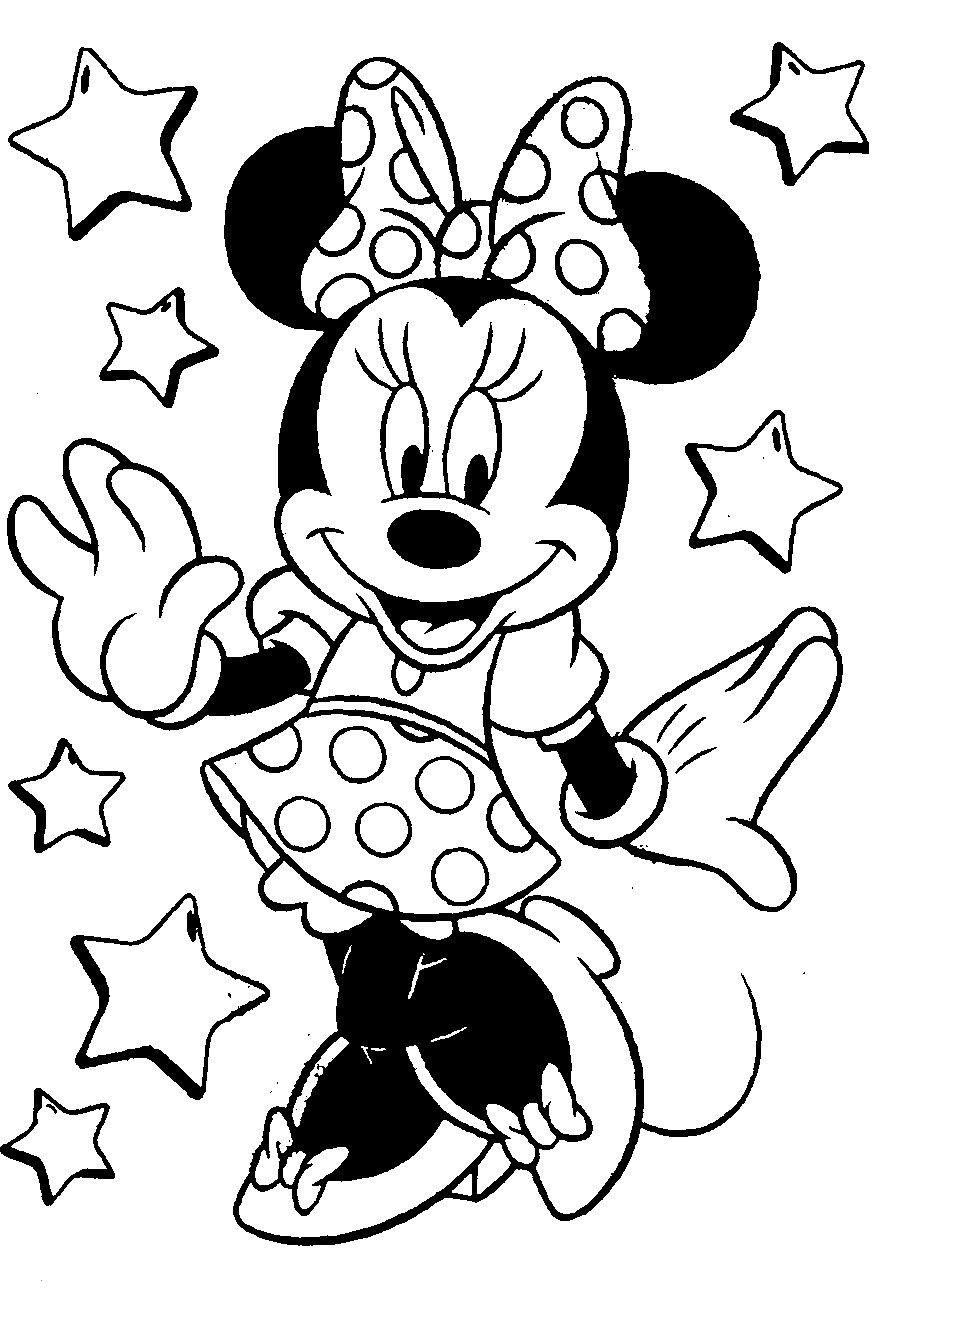 Minnie Mouse Ausmalbild Einzigartig Minni Maus Baby Malvorlagen Genial Minnie Mouse Baby Ausmalbilder Bilder